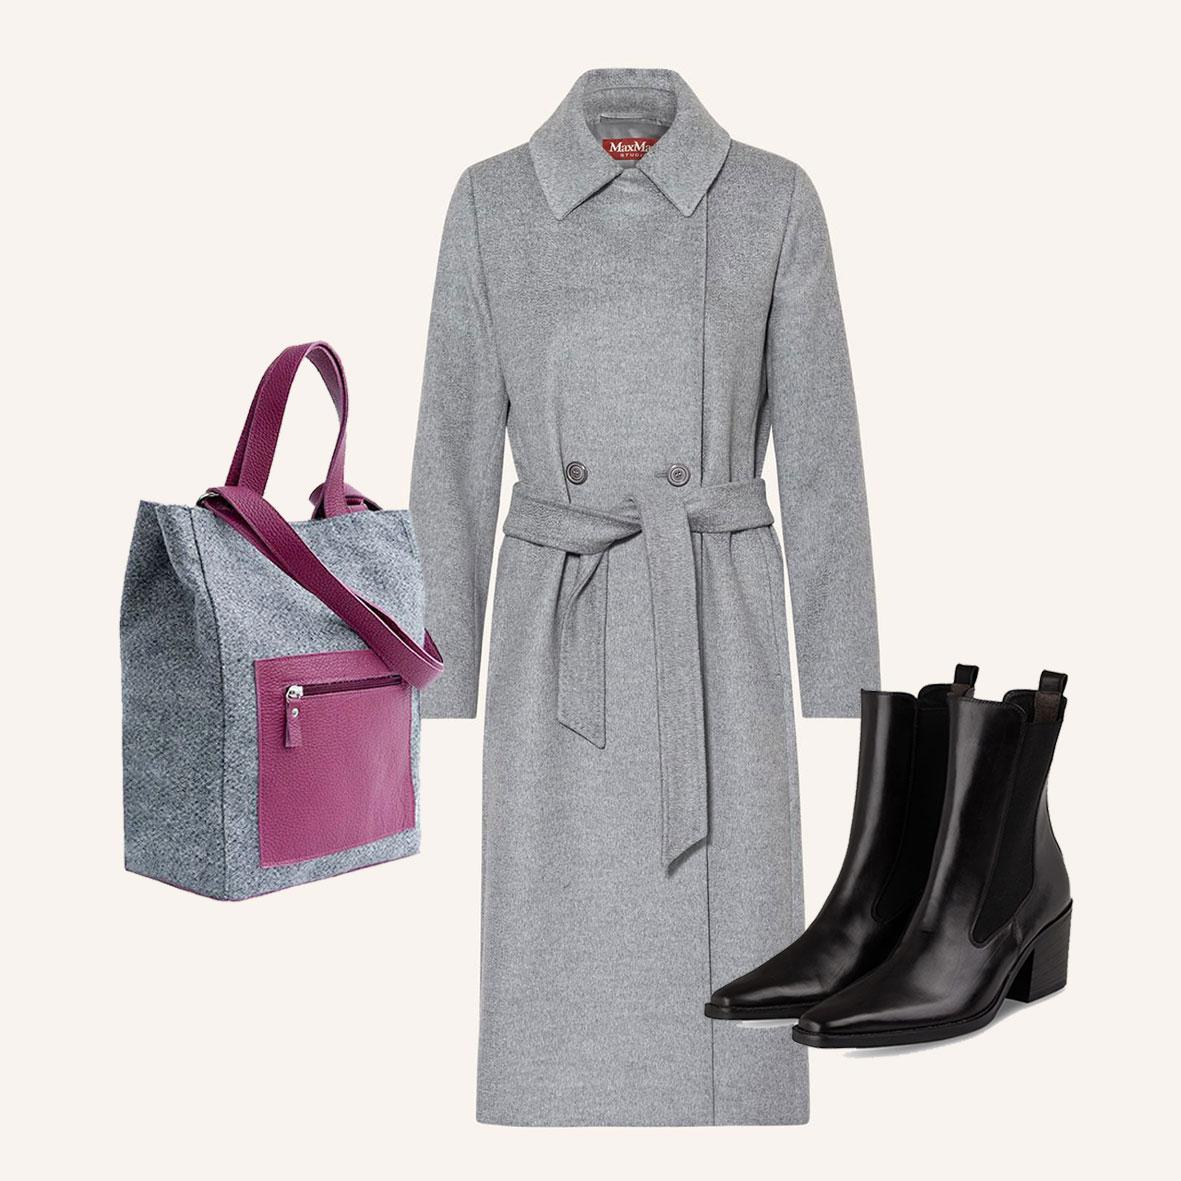 MaxMara Wollmantel, klassischer Mantel, Herbstmode, Mantel aus Wolle, schwarze Stiefeletten, Shopper aus Stoff, Stofftasche